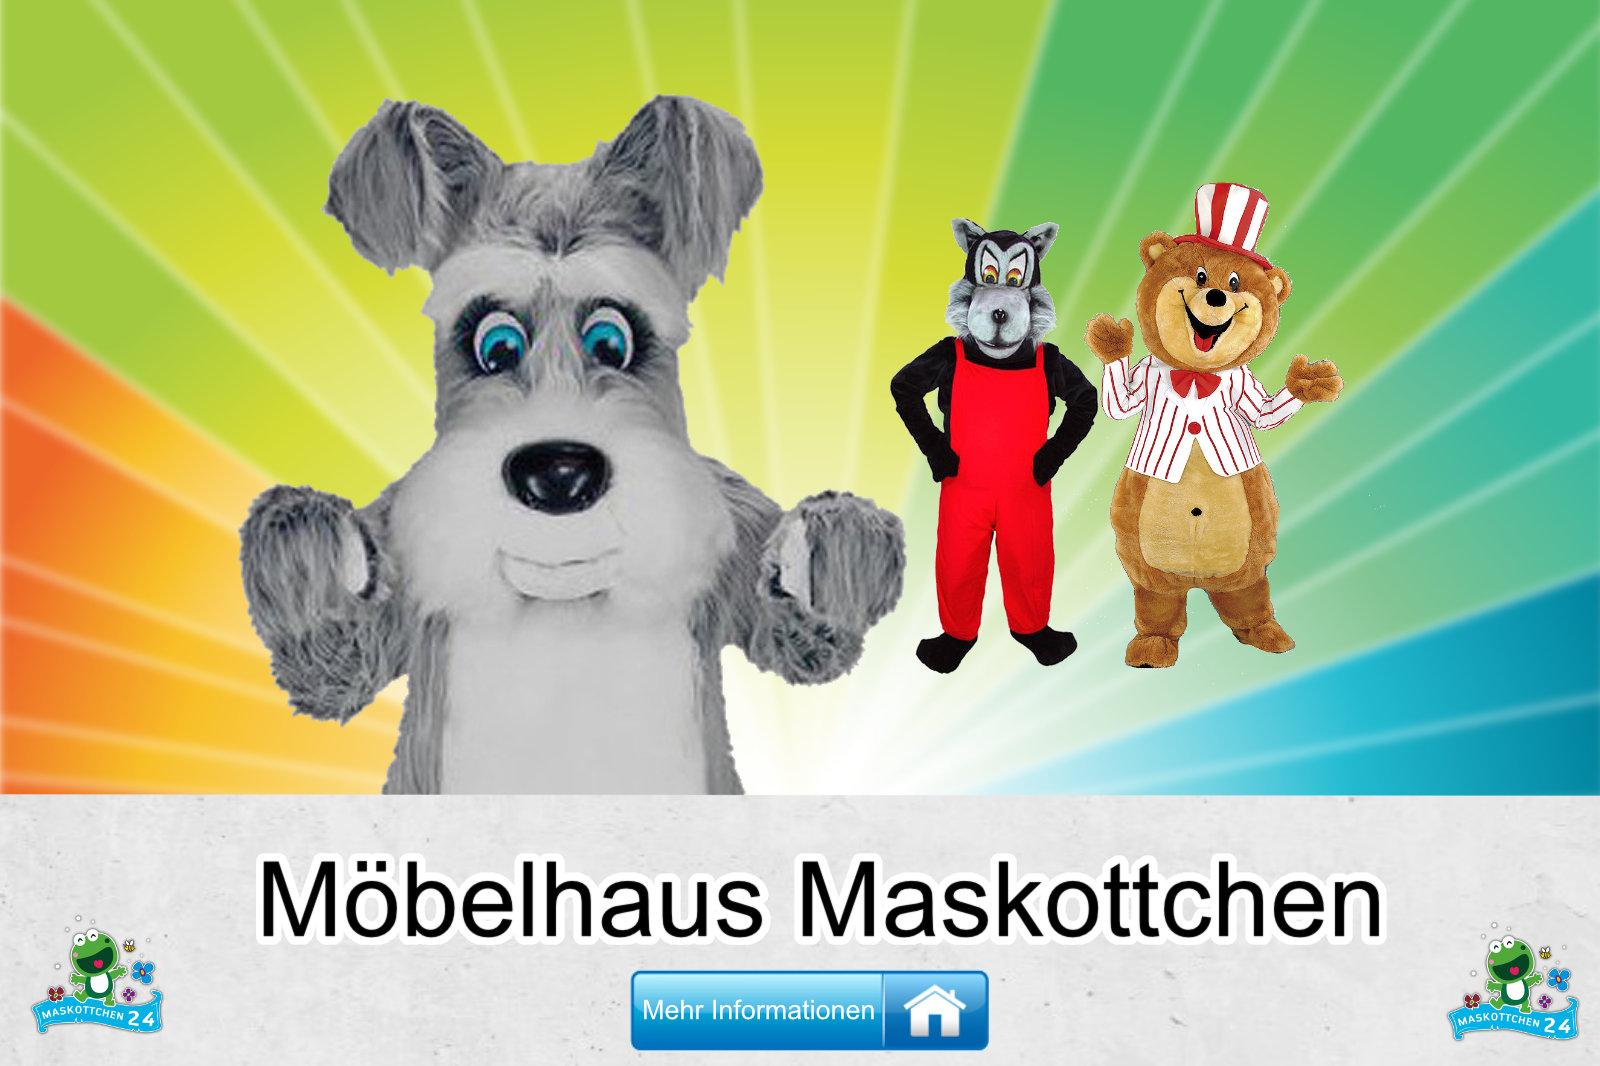 Möbelhaus Kostüme Maskottchen Herstellung Firma günstig kaufen